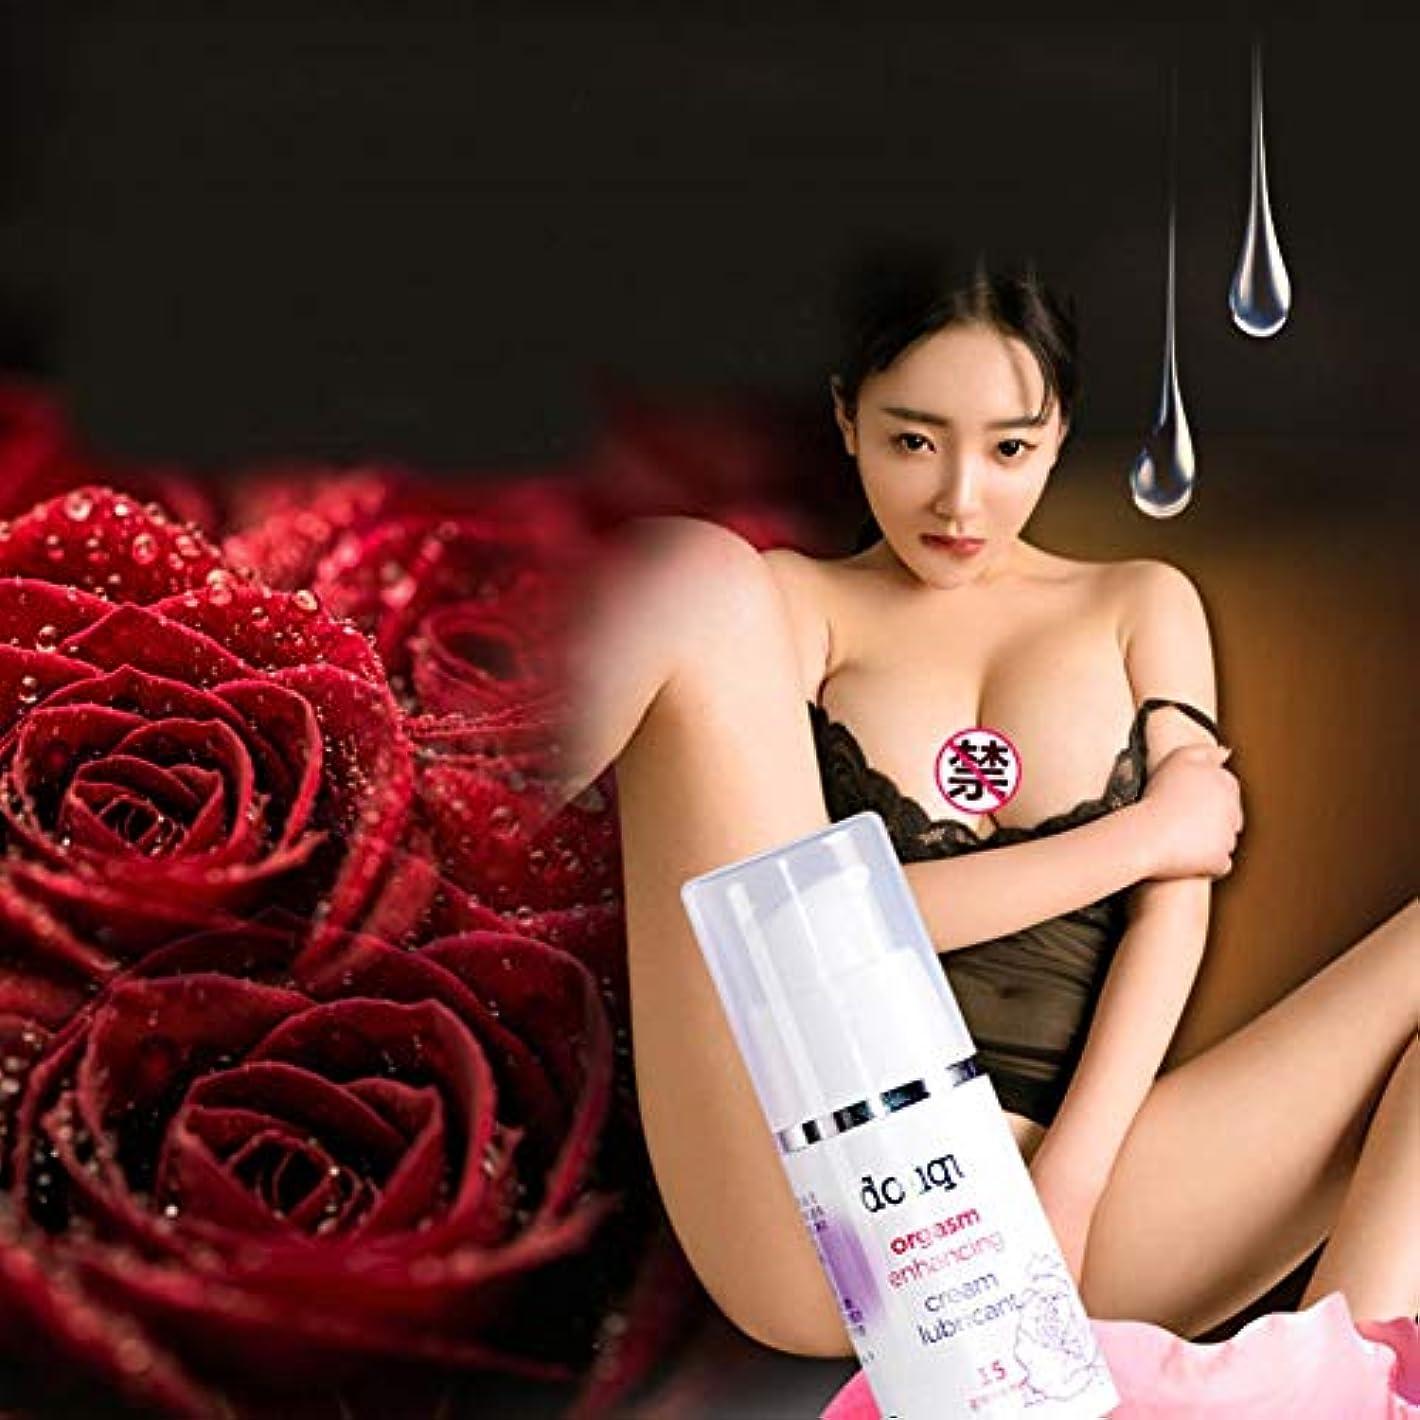 ペレグリネーション決定的モザイクBalai 女性のための性的オーガズム強化潤滑剤 クリーム性的快感強化製品